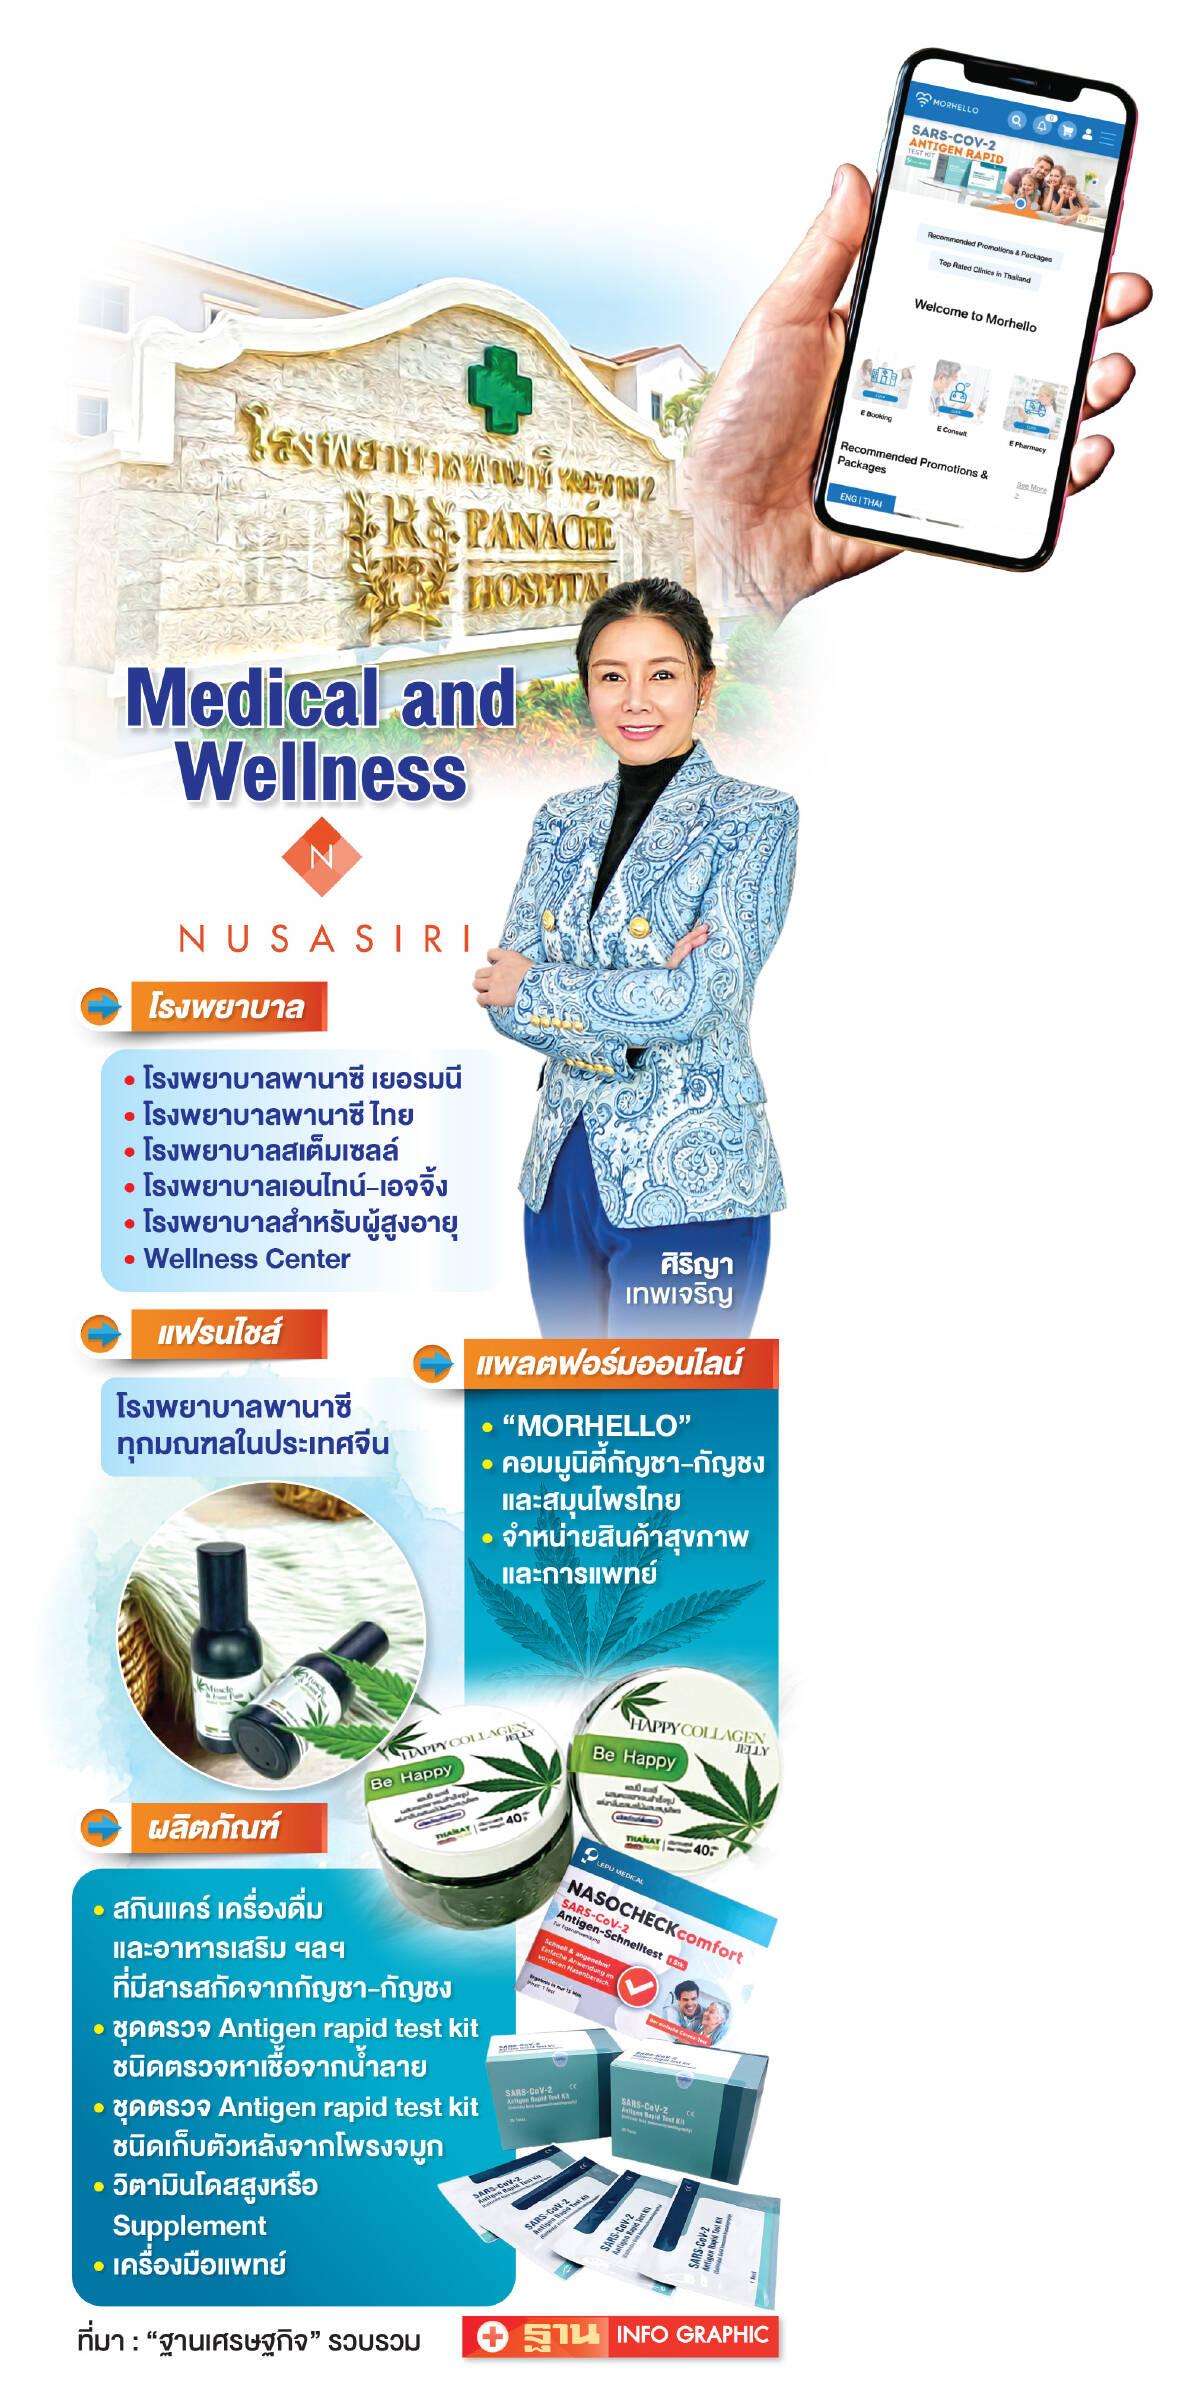 ยุทธศาสตร์ Medical and  Wellness น่านนํ้าใหม่ 'ณุศาศิริ'